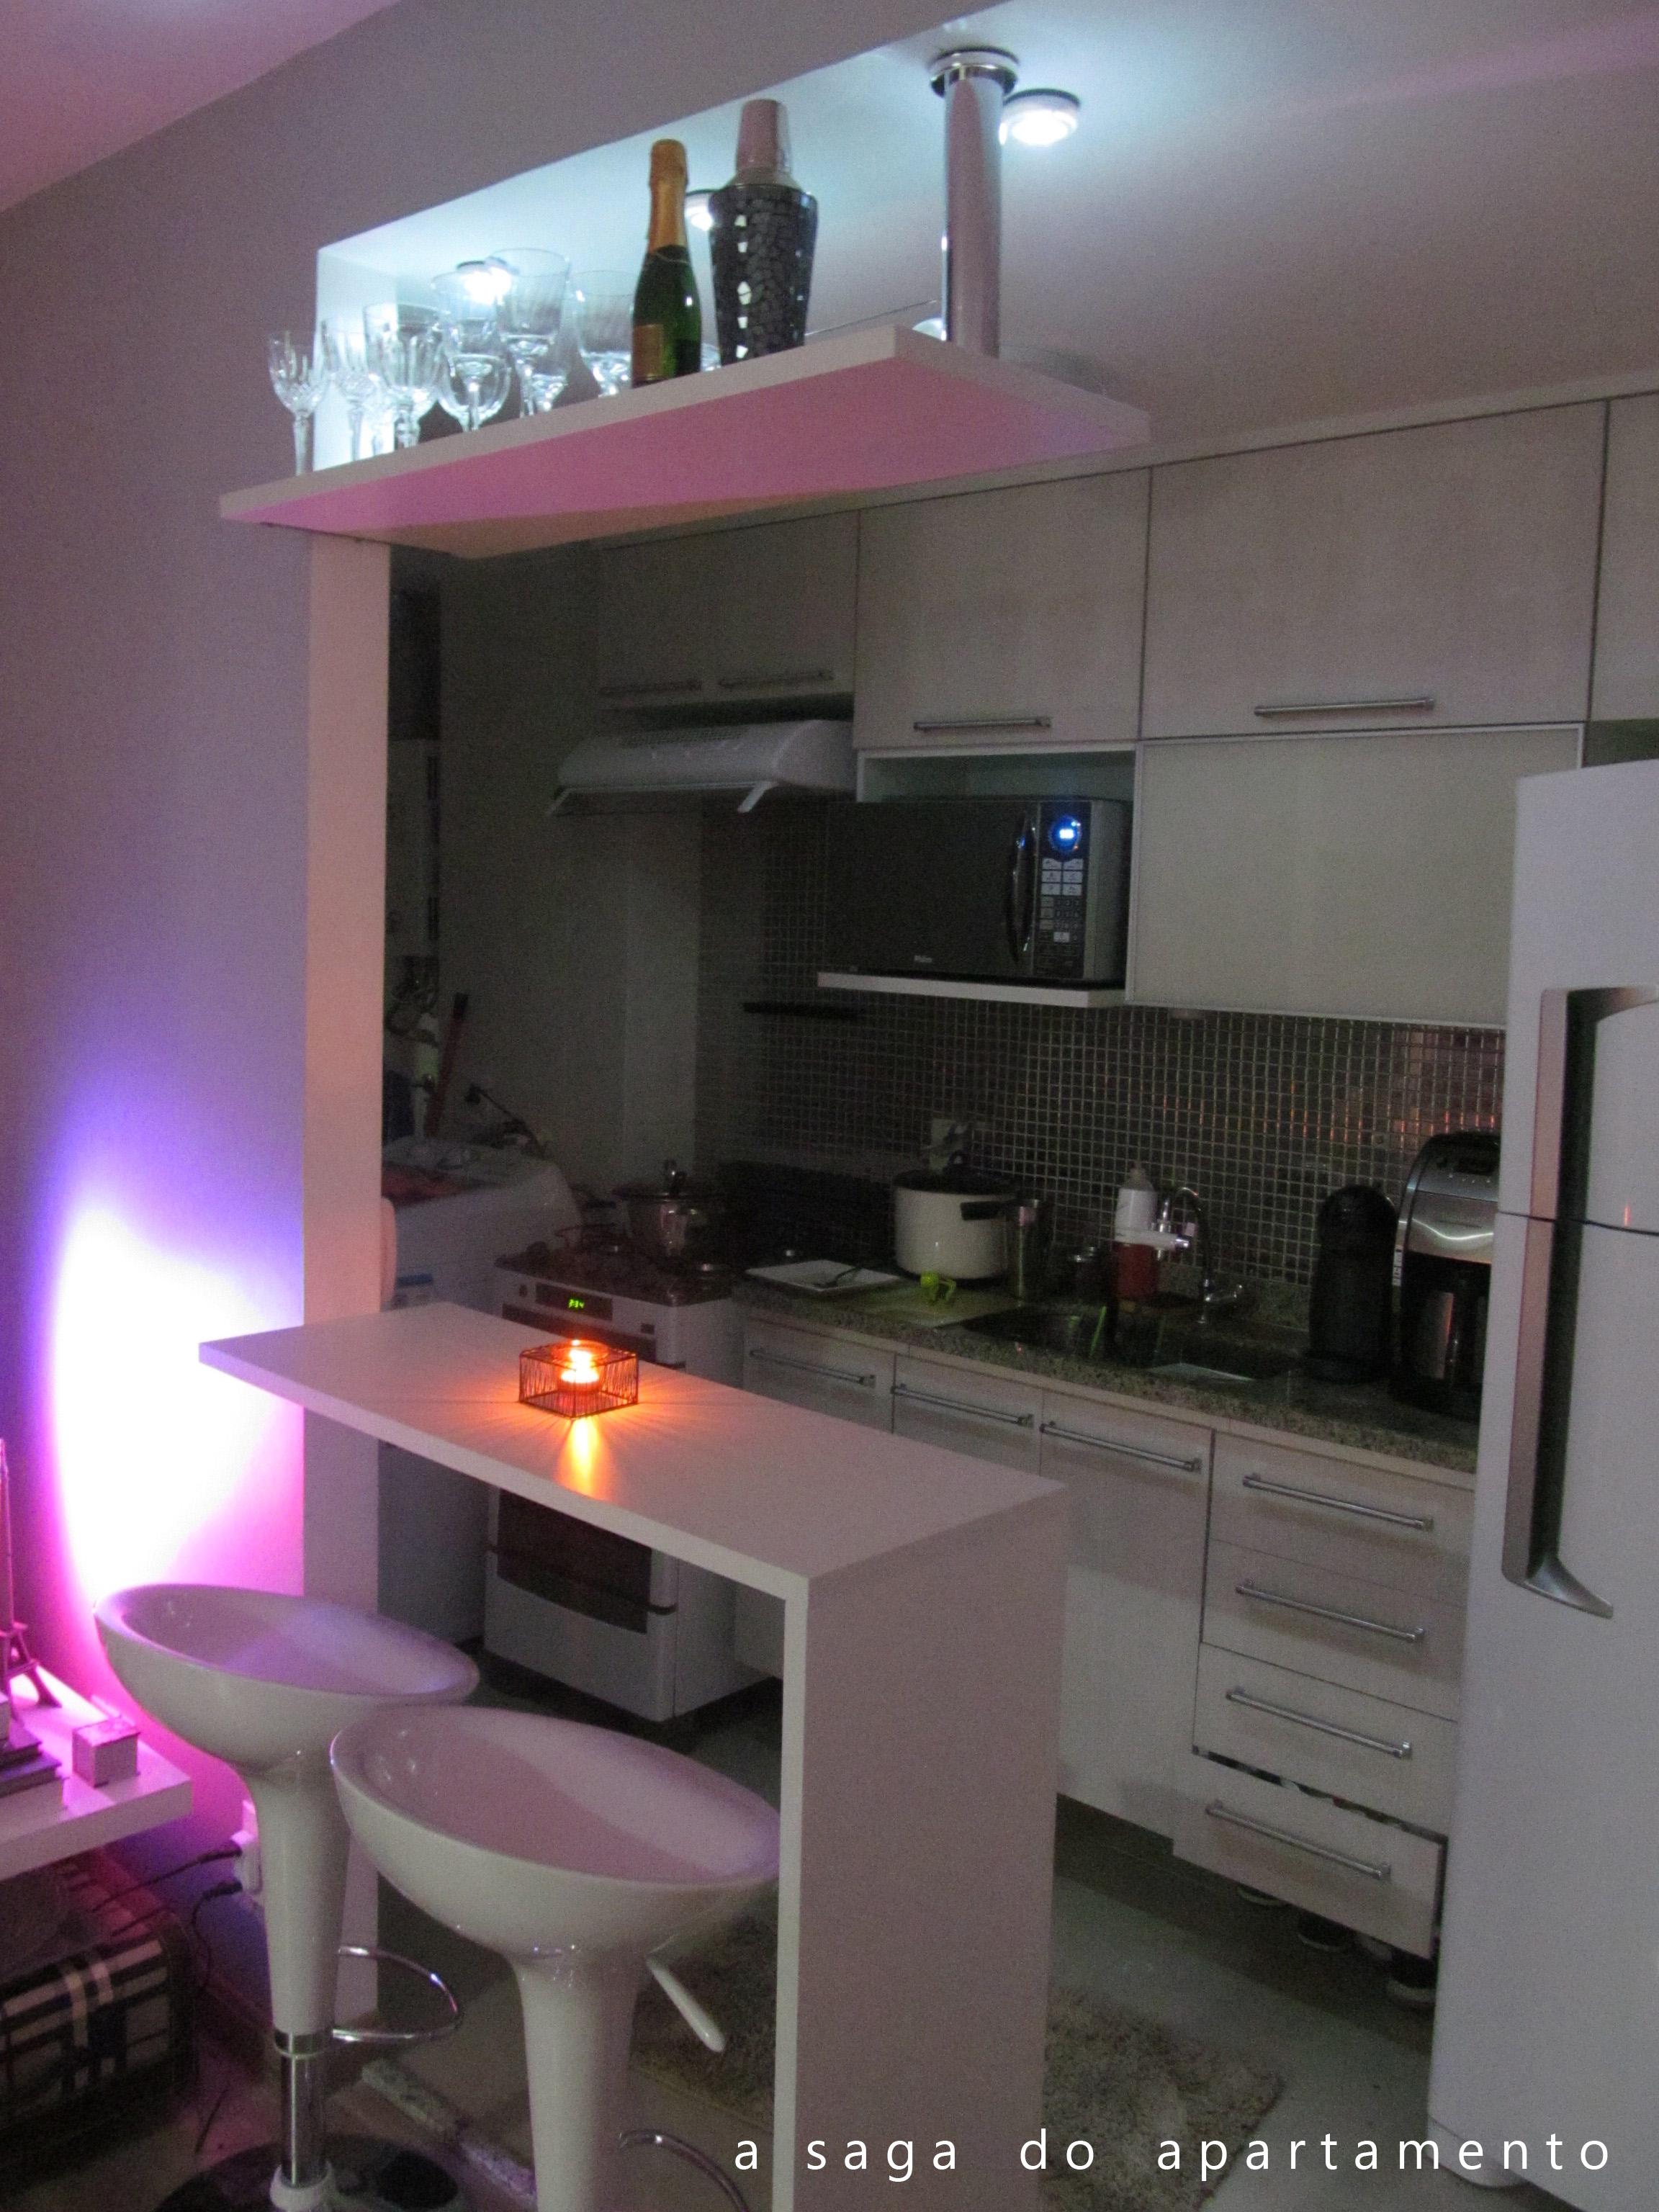 #921AB1 Com uma iluminaçãozinha tudo fica mais bonito não é?! :) 2304x3072 px Balcao Mesa Para Cozinha Americana #1143 imagens